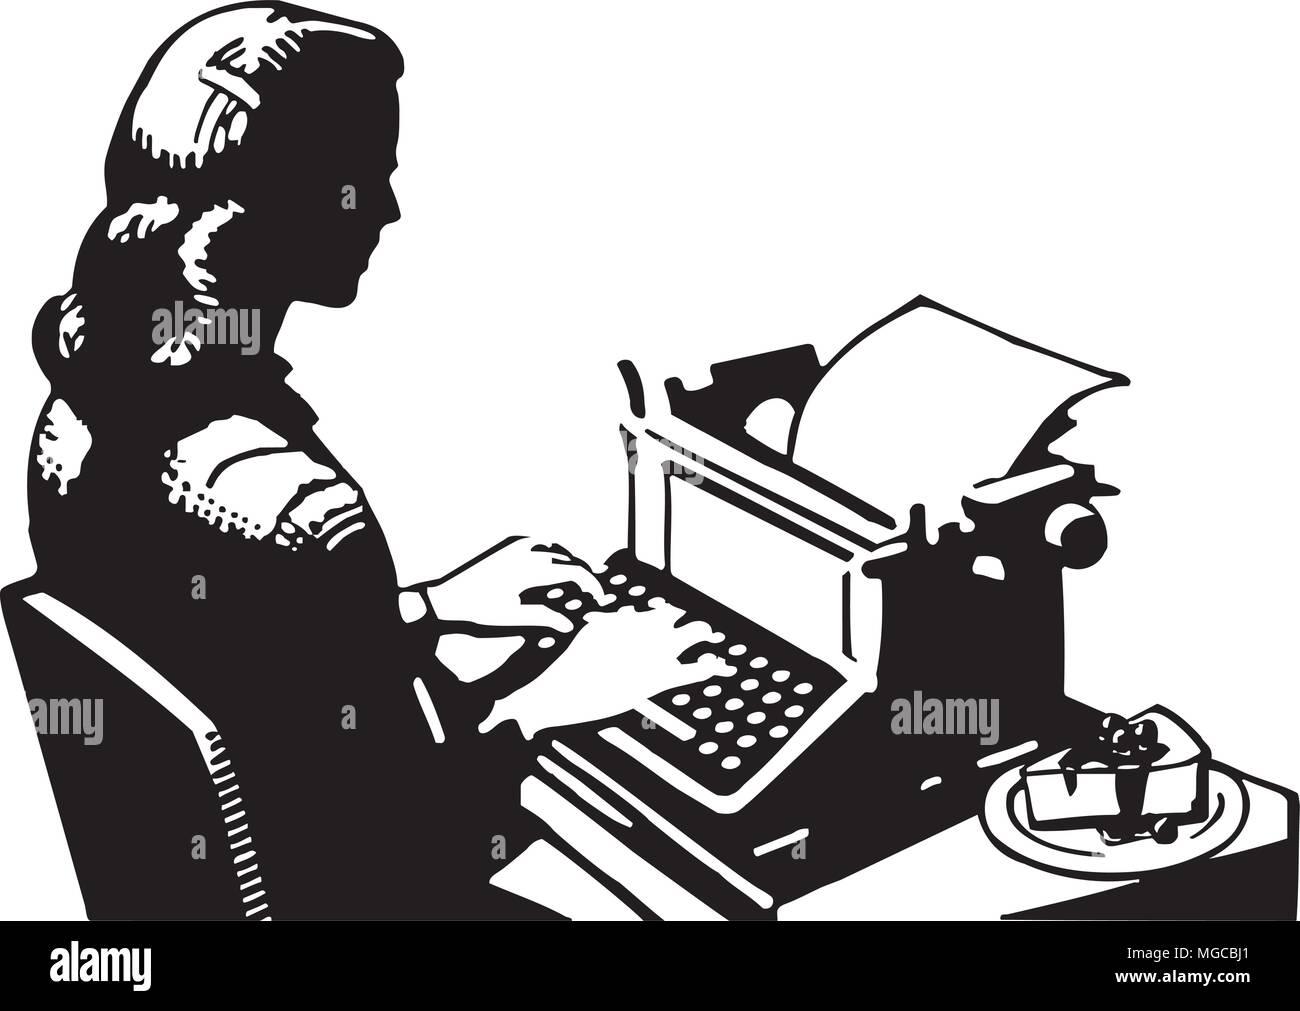 Die Schreibkraft Stockfotos & Die Schreibkraft Bilder - Alamy